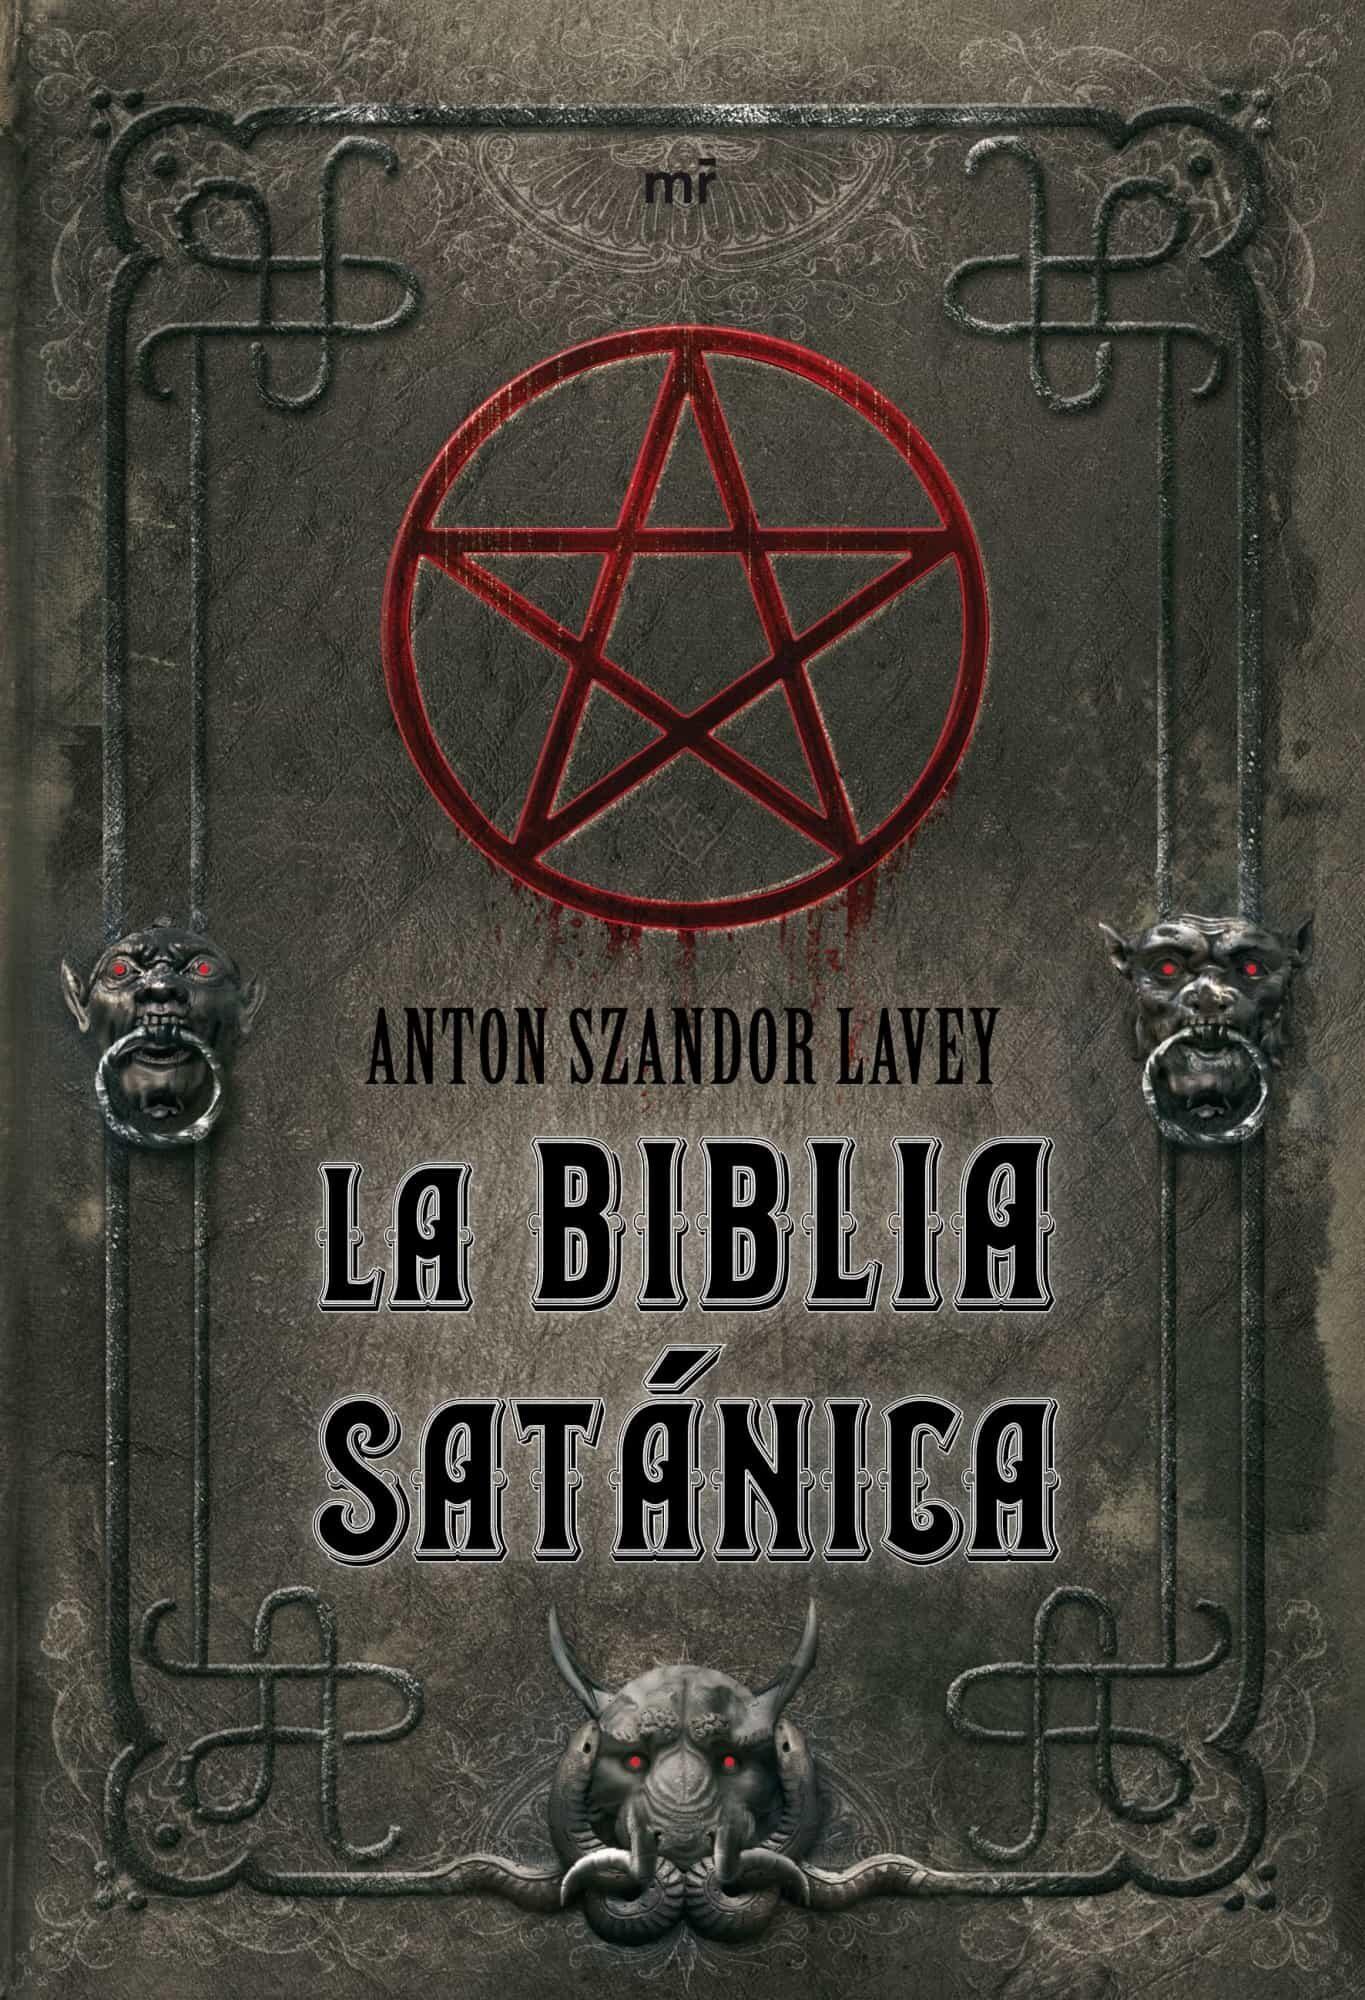 LIBROS DE SATANISMO Y OCULTISMO DOWNLOAD